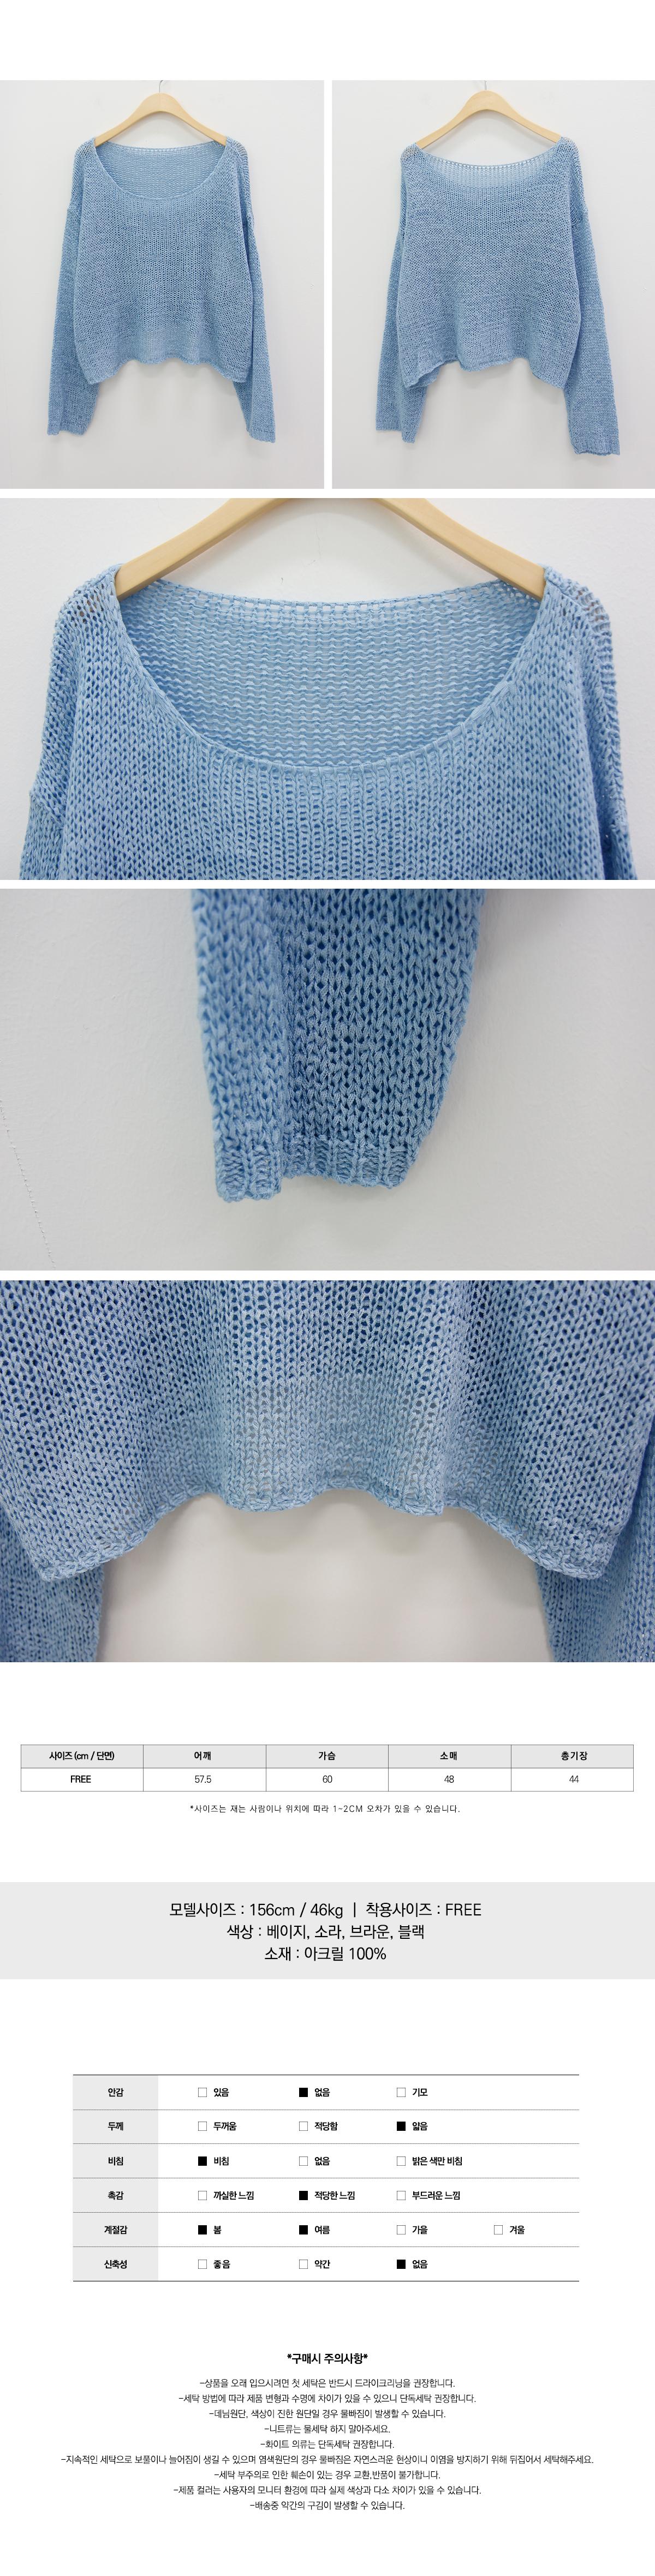 Rolling Summer Knitwear